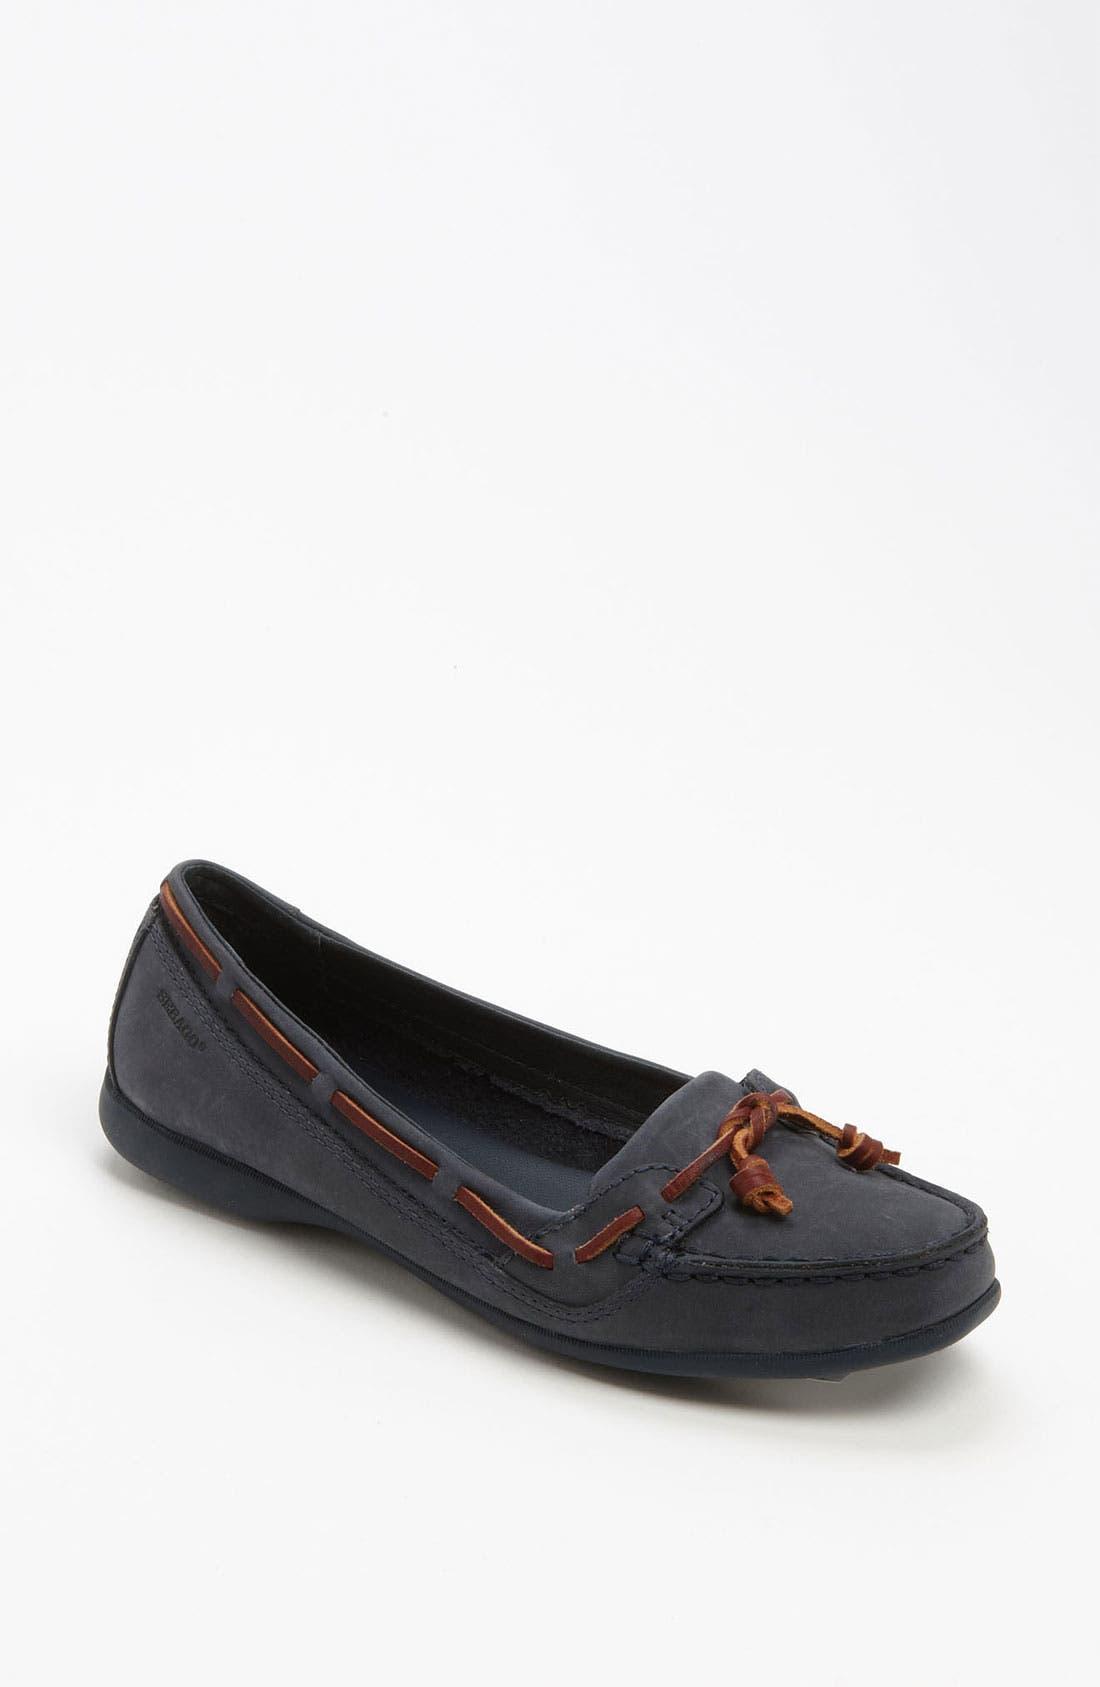 Alternate Image 1 Selected - Sebago 'Felucca' Boat Shoe